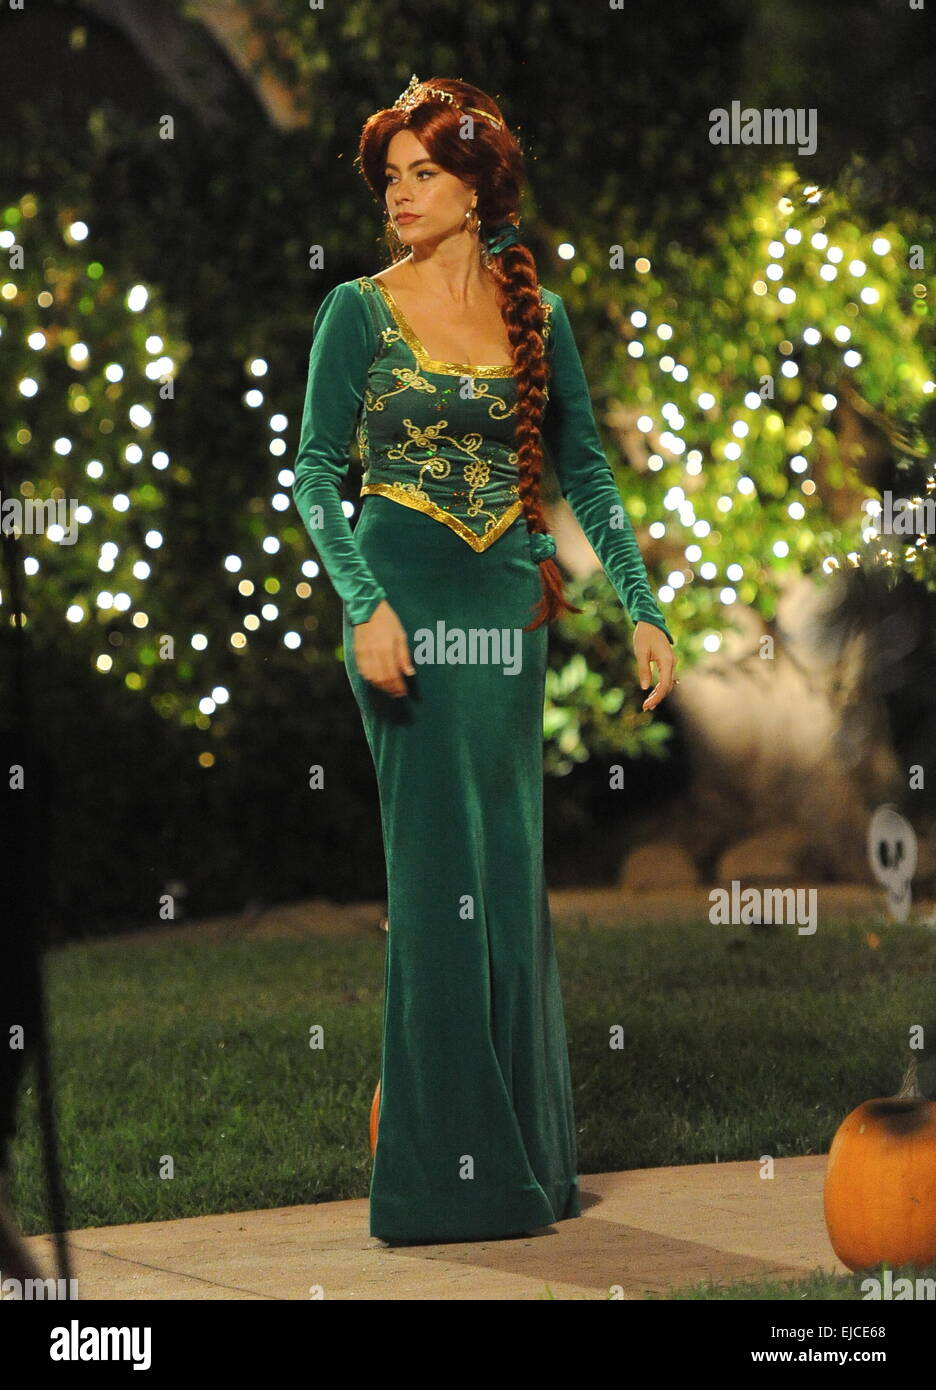 Fotos de fiona vestida de novia